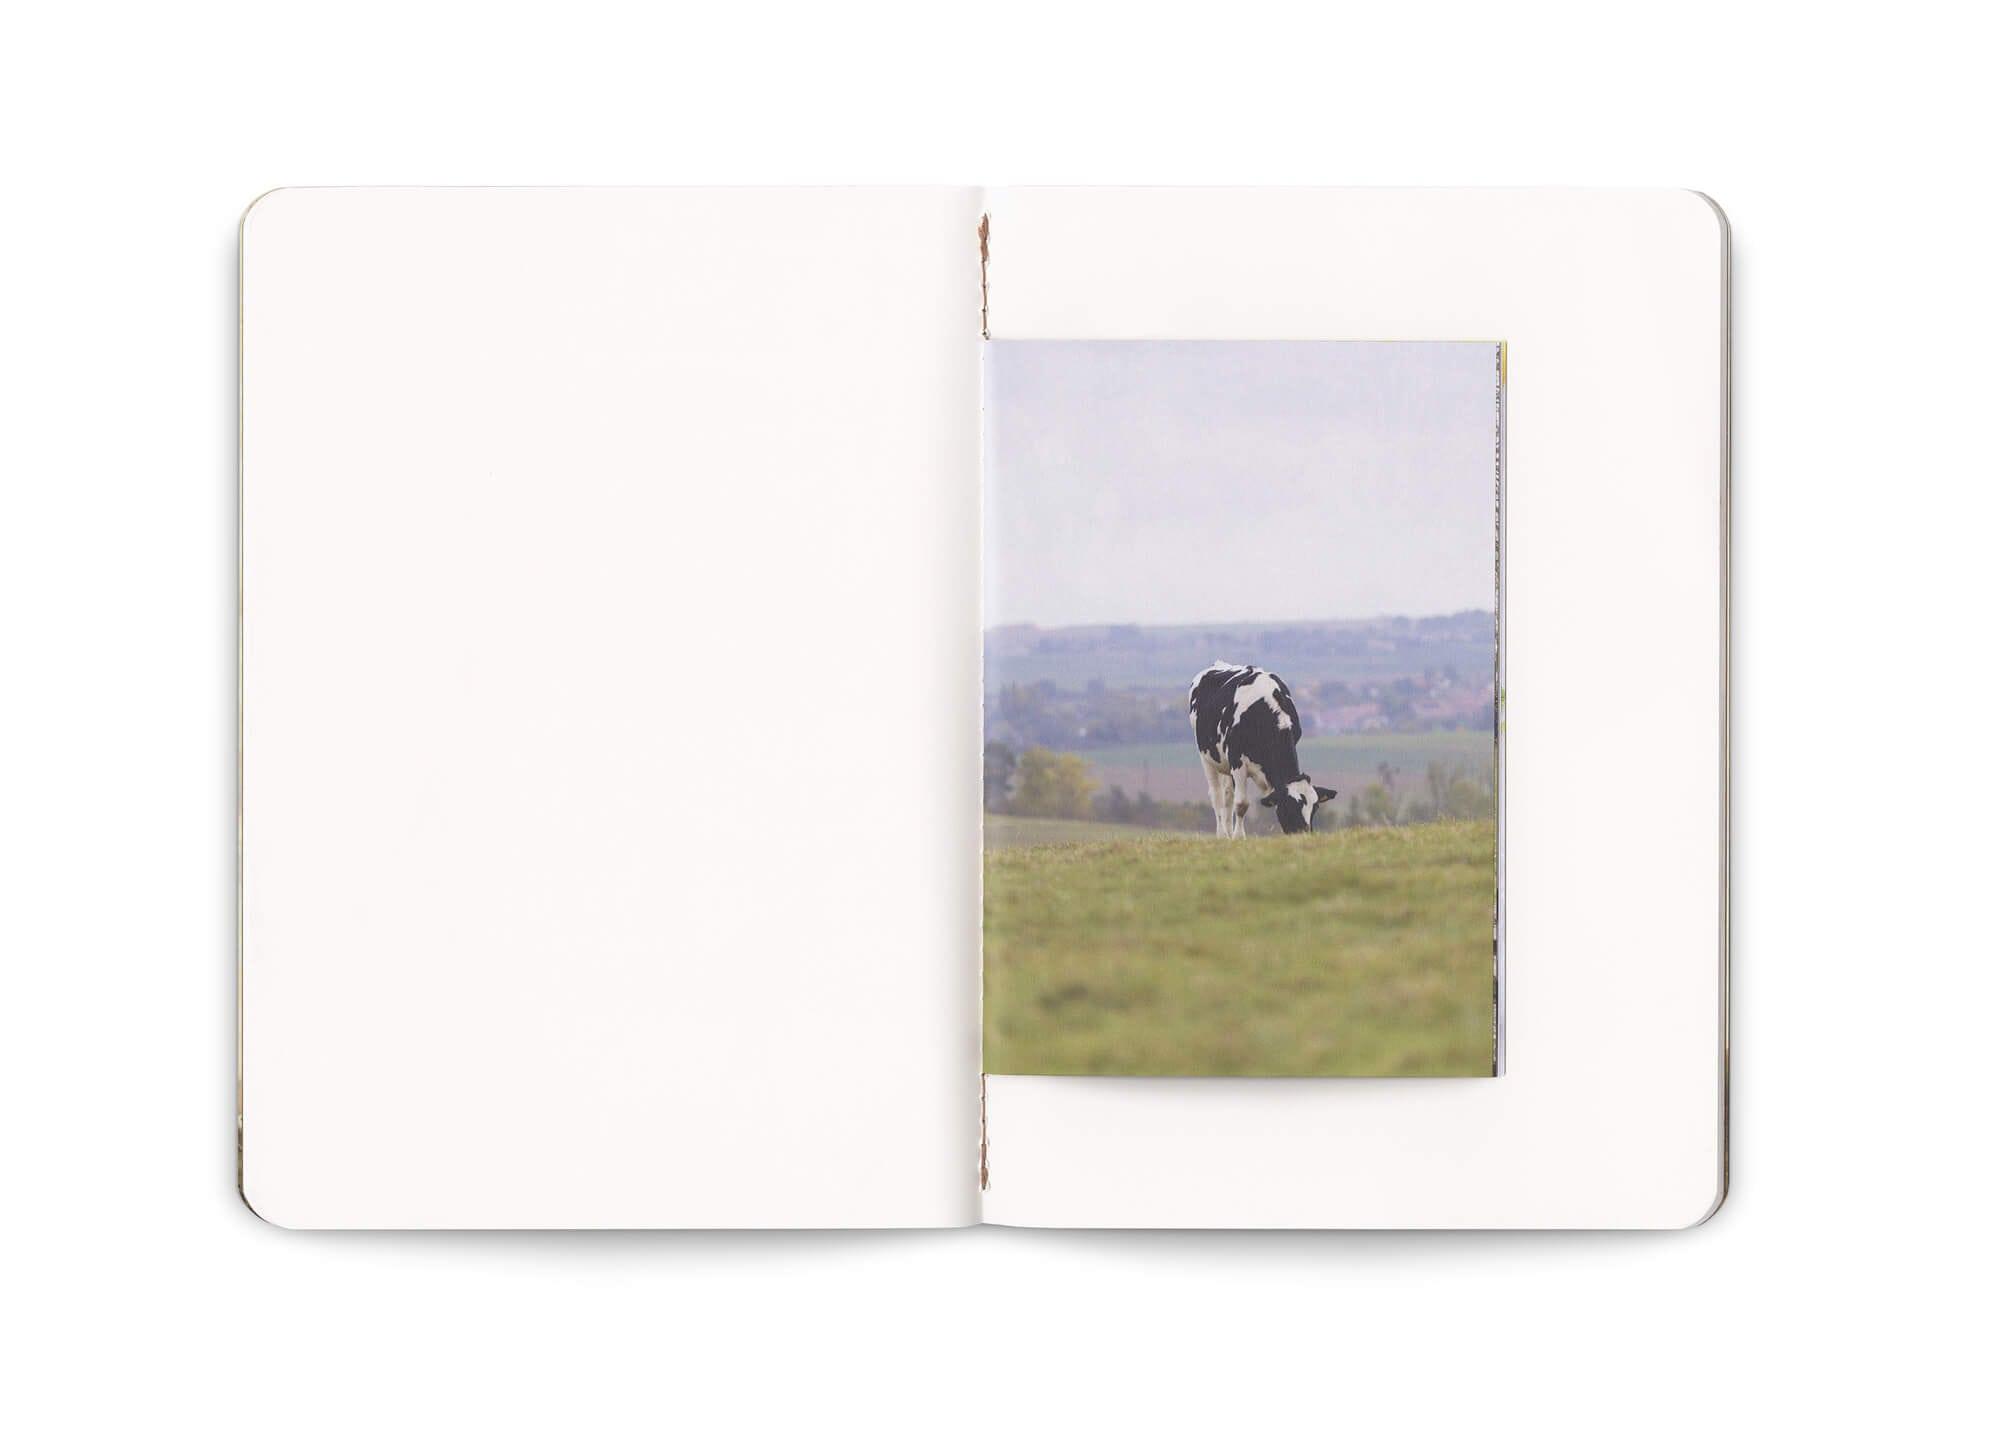 double page du carnet think milk, avec une photographie de vache laitière. composé par Ich&Kar